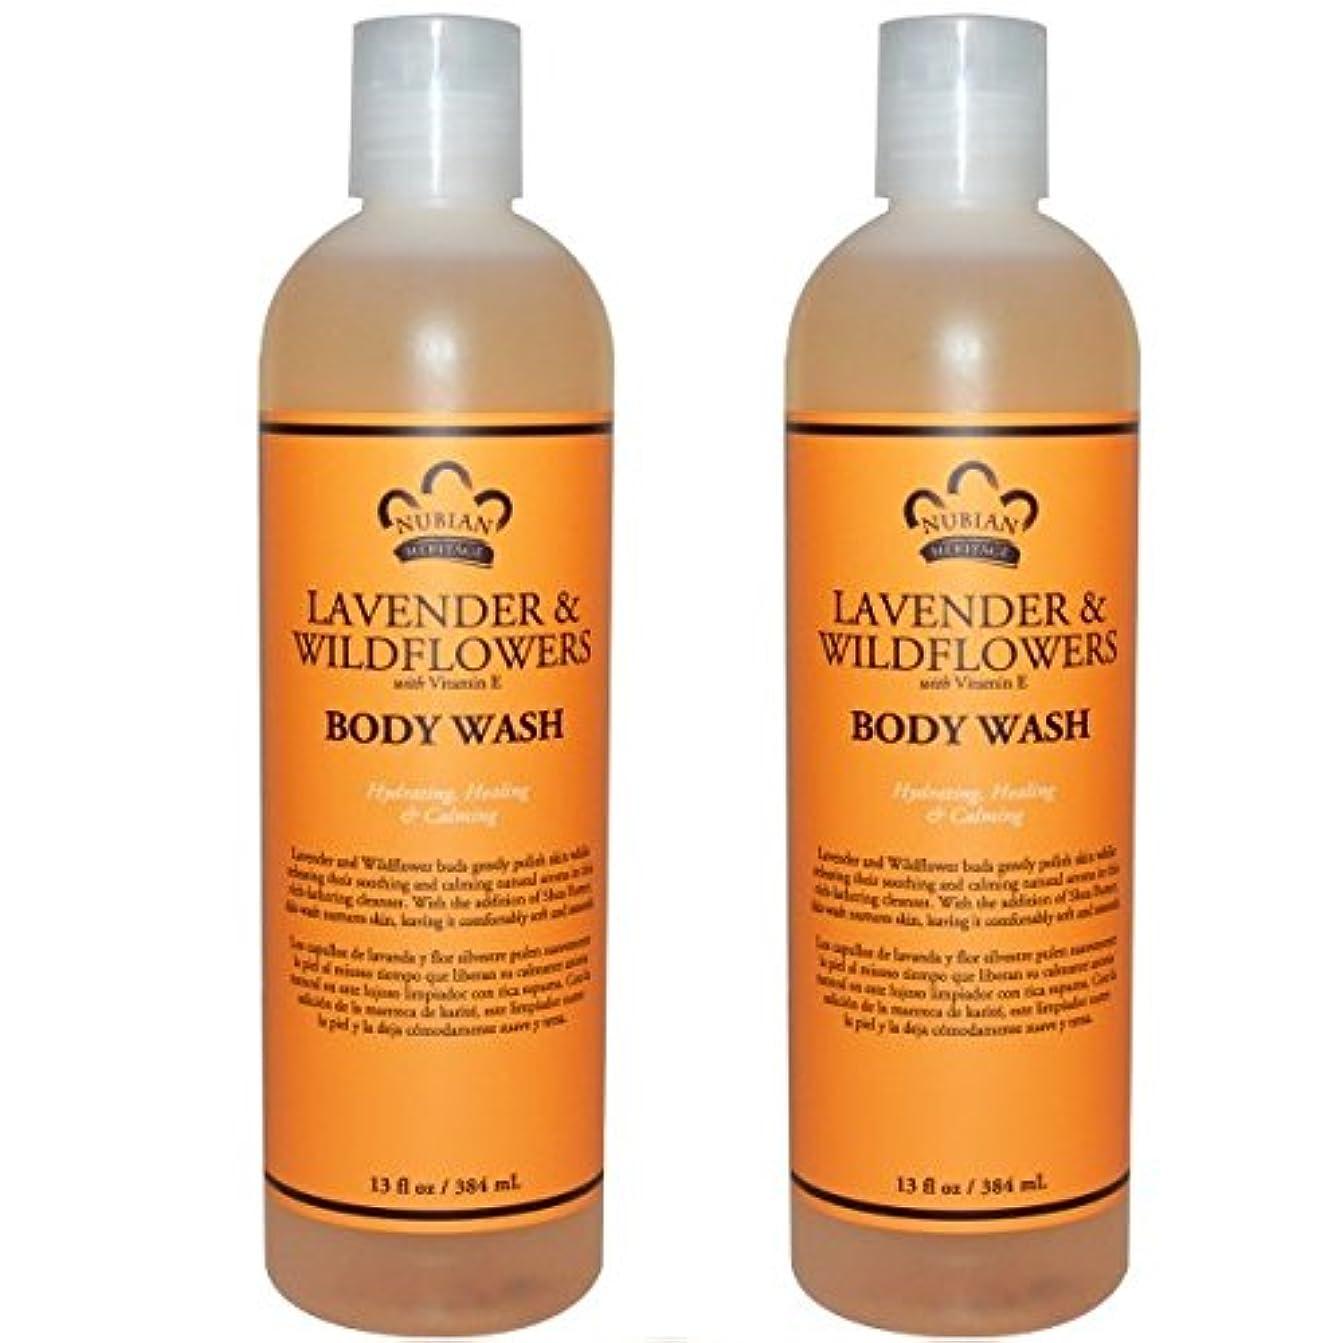 おもしろい毛細血管魔術師【海外直送品】【2本】Nubian Heritage Body Wash Relaxing & Nourishing, Lavender & Wildflowers - 13 fl oz (384 ml)